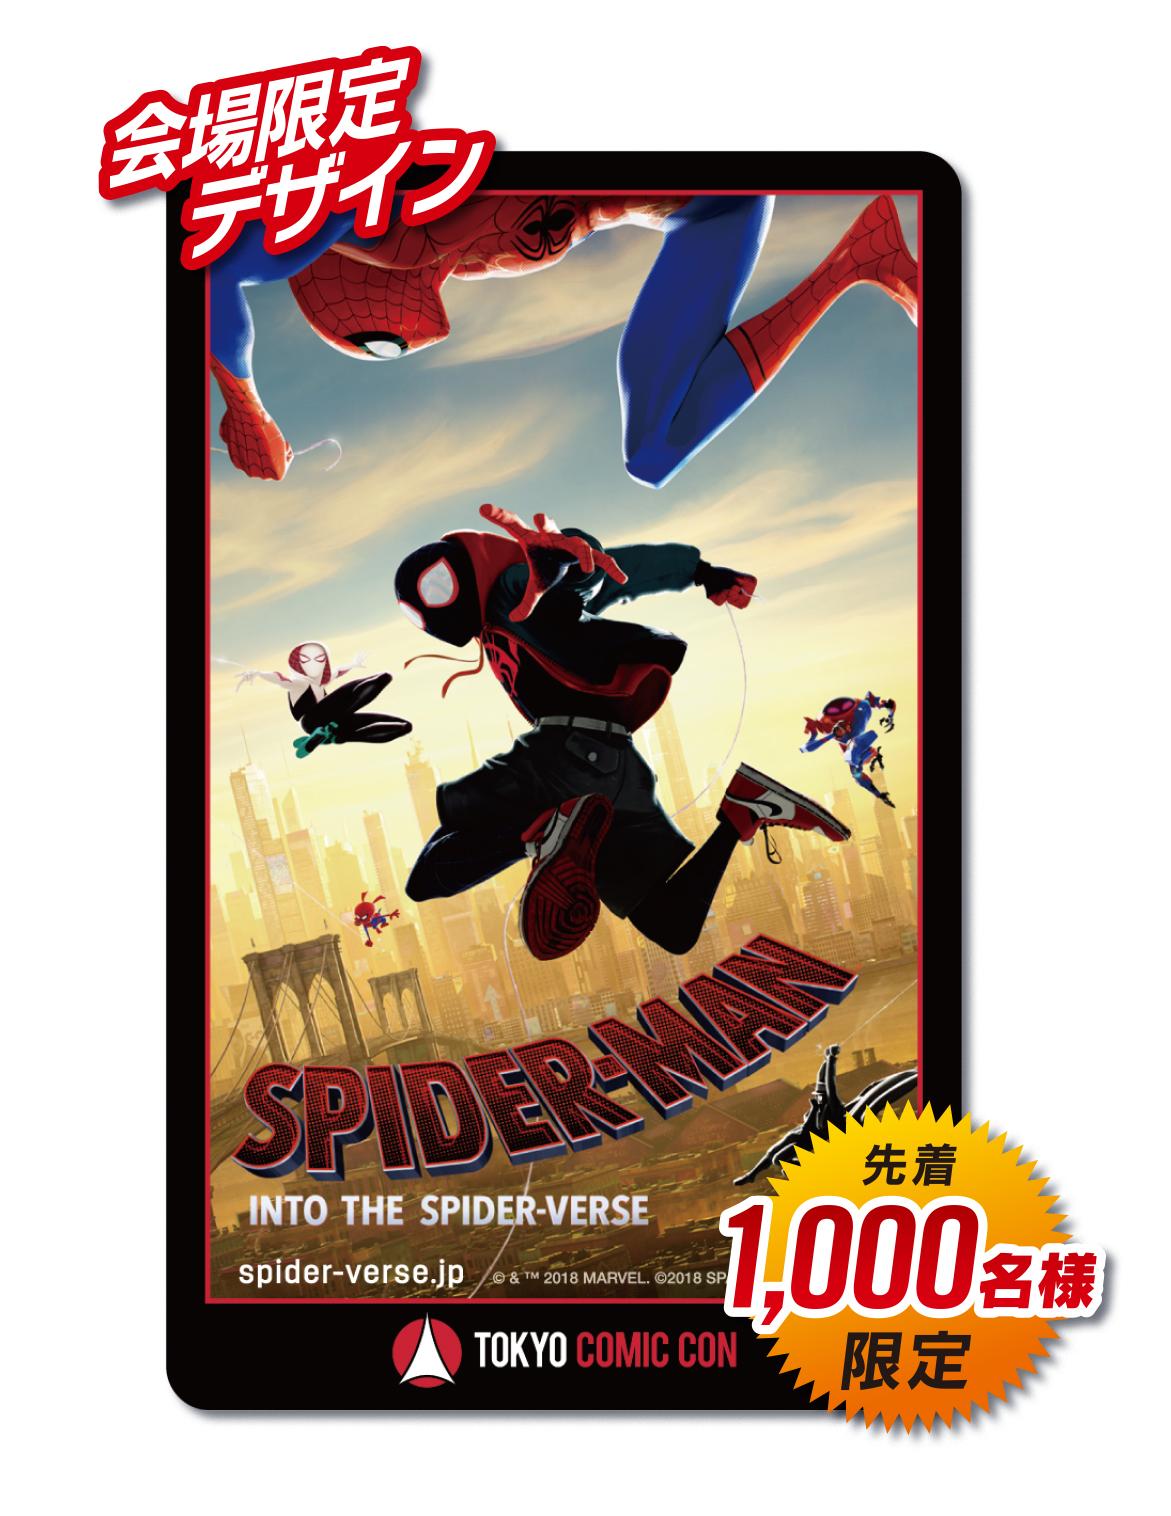 東京コミコン限定デザインムビチケ スパイダーマン:スパイダーバース